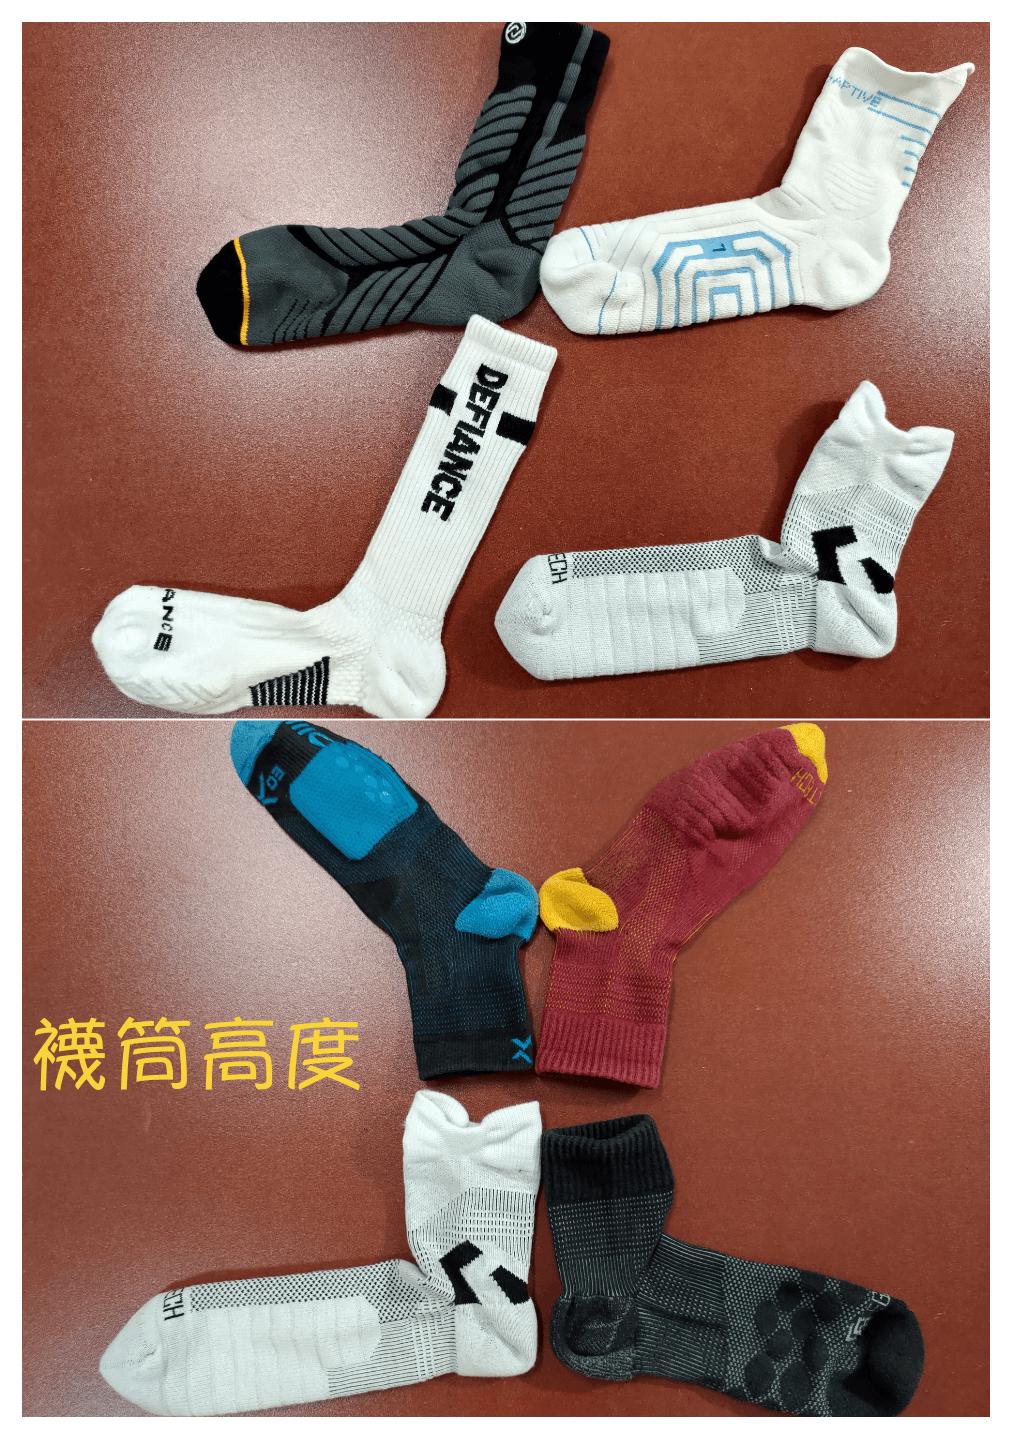 P82I籃球襪相比其他機能襪,襪口稍低,但還是足夠包覆到腳踝